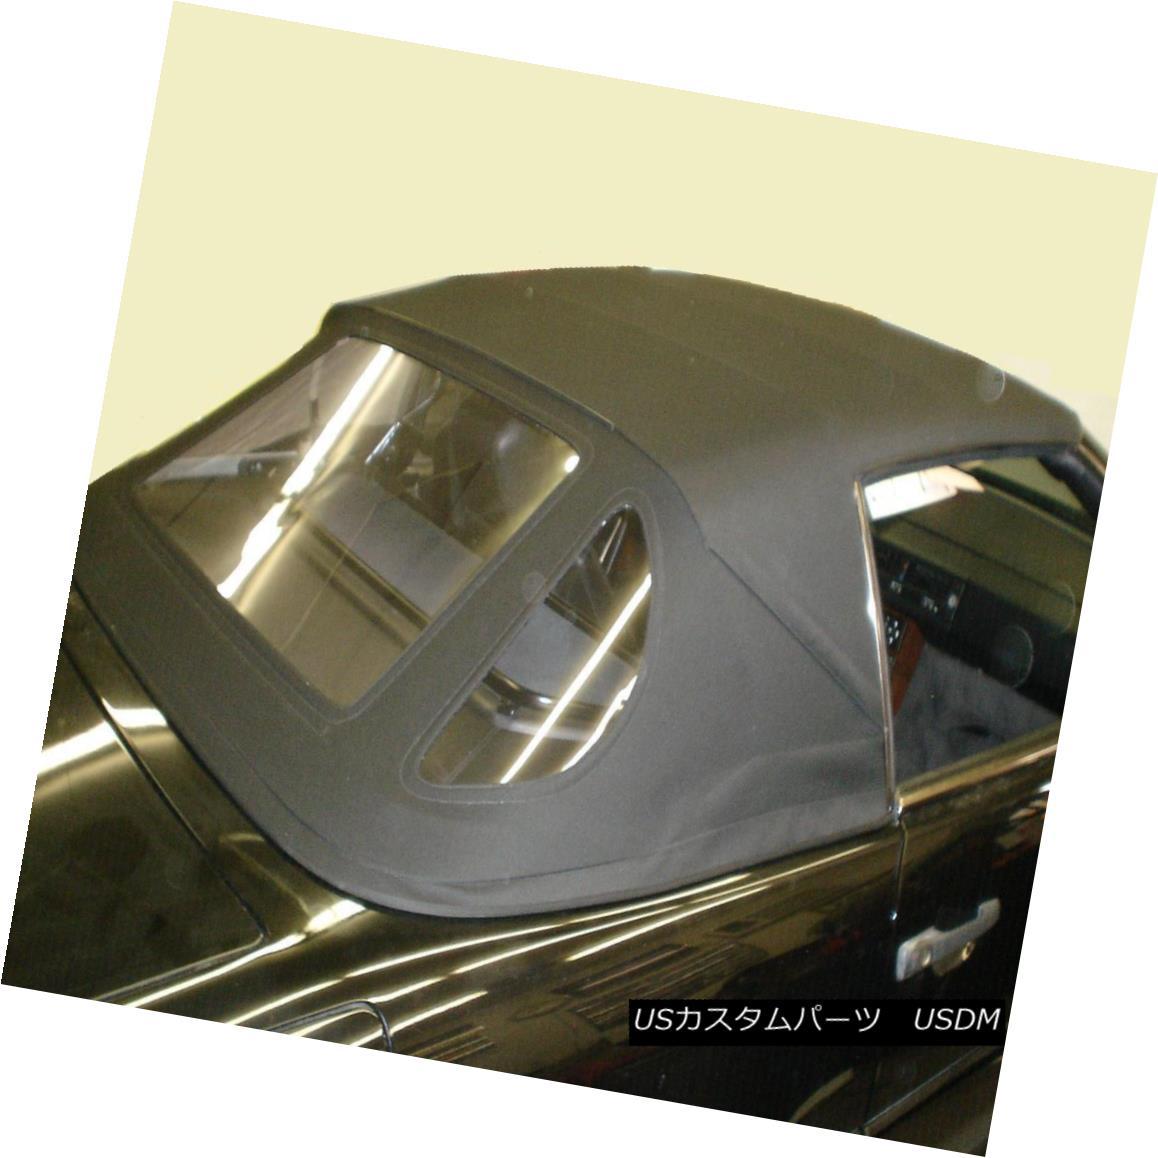 幌・ソフトトップ Mercedes Convertible SOFT Top R129 300SL,500SL, SL500 320SL 600SL 1990-2002 メルセデス・コンバーチブルSOFTトップR129 300SL、500SL、SL500 320SL 600SL 1990-2002